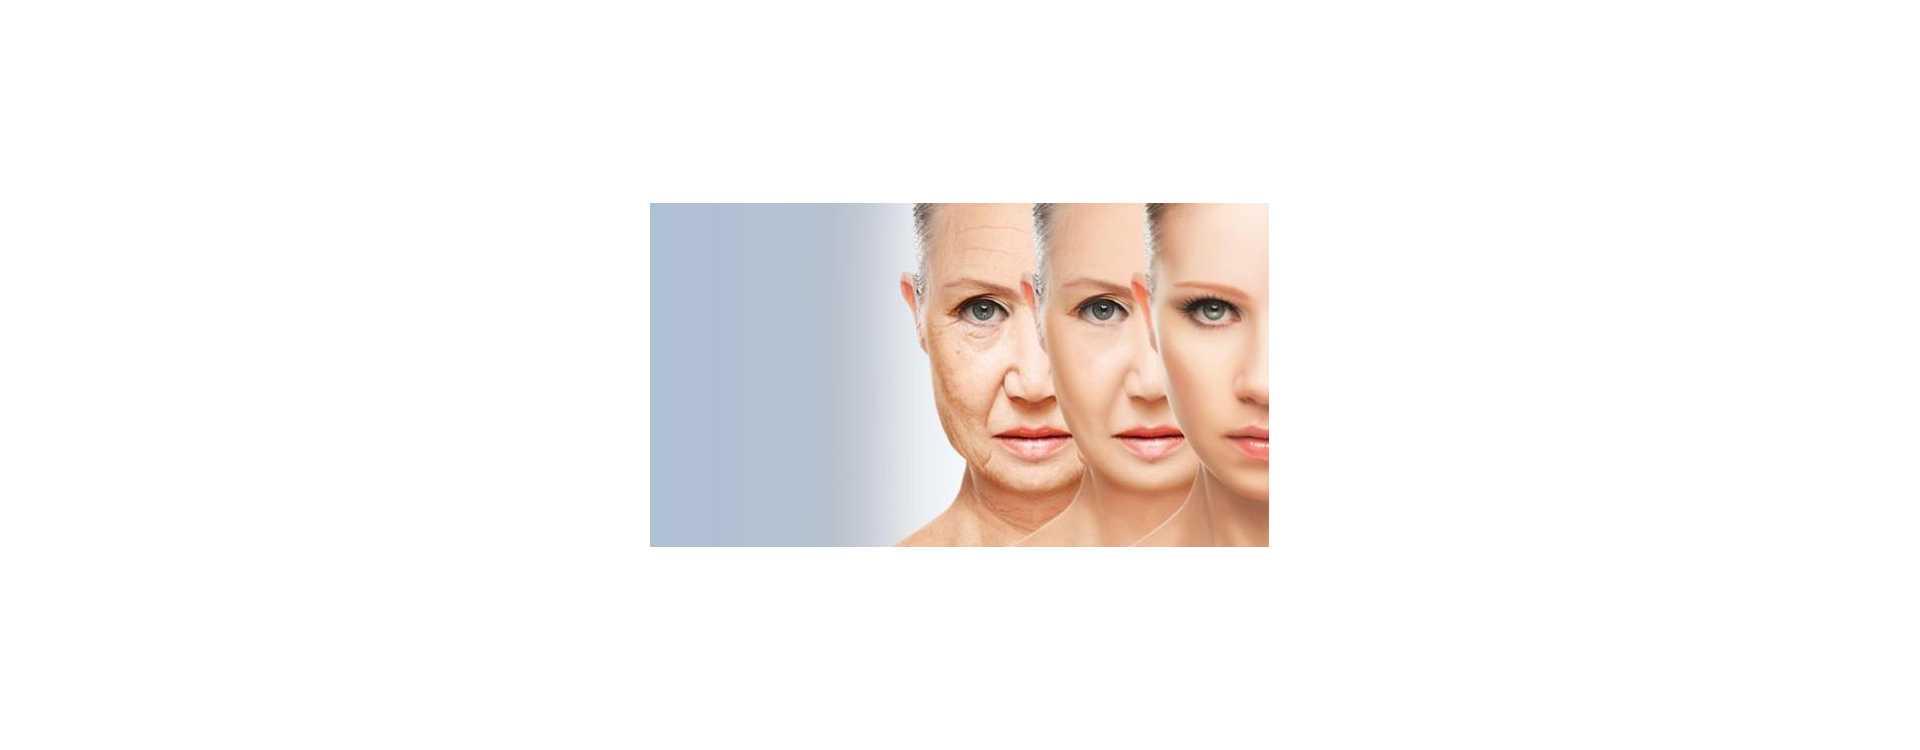 Cómo combatir el envejecimiento de forma eficaz